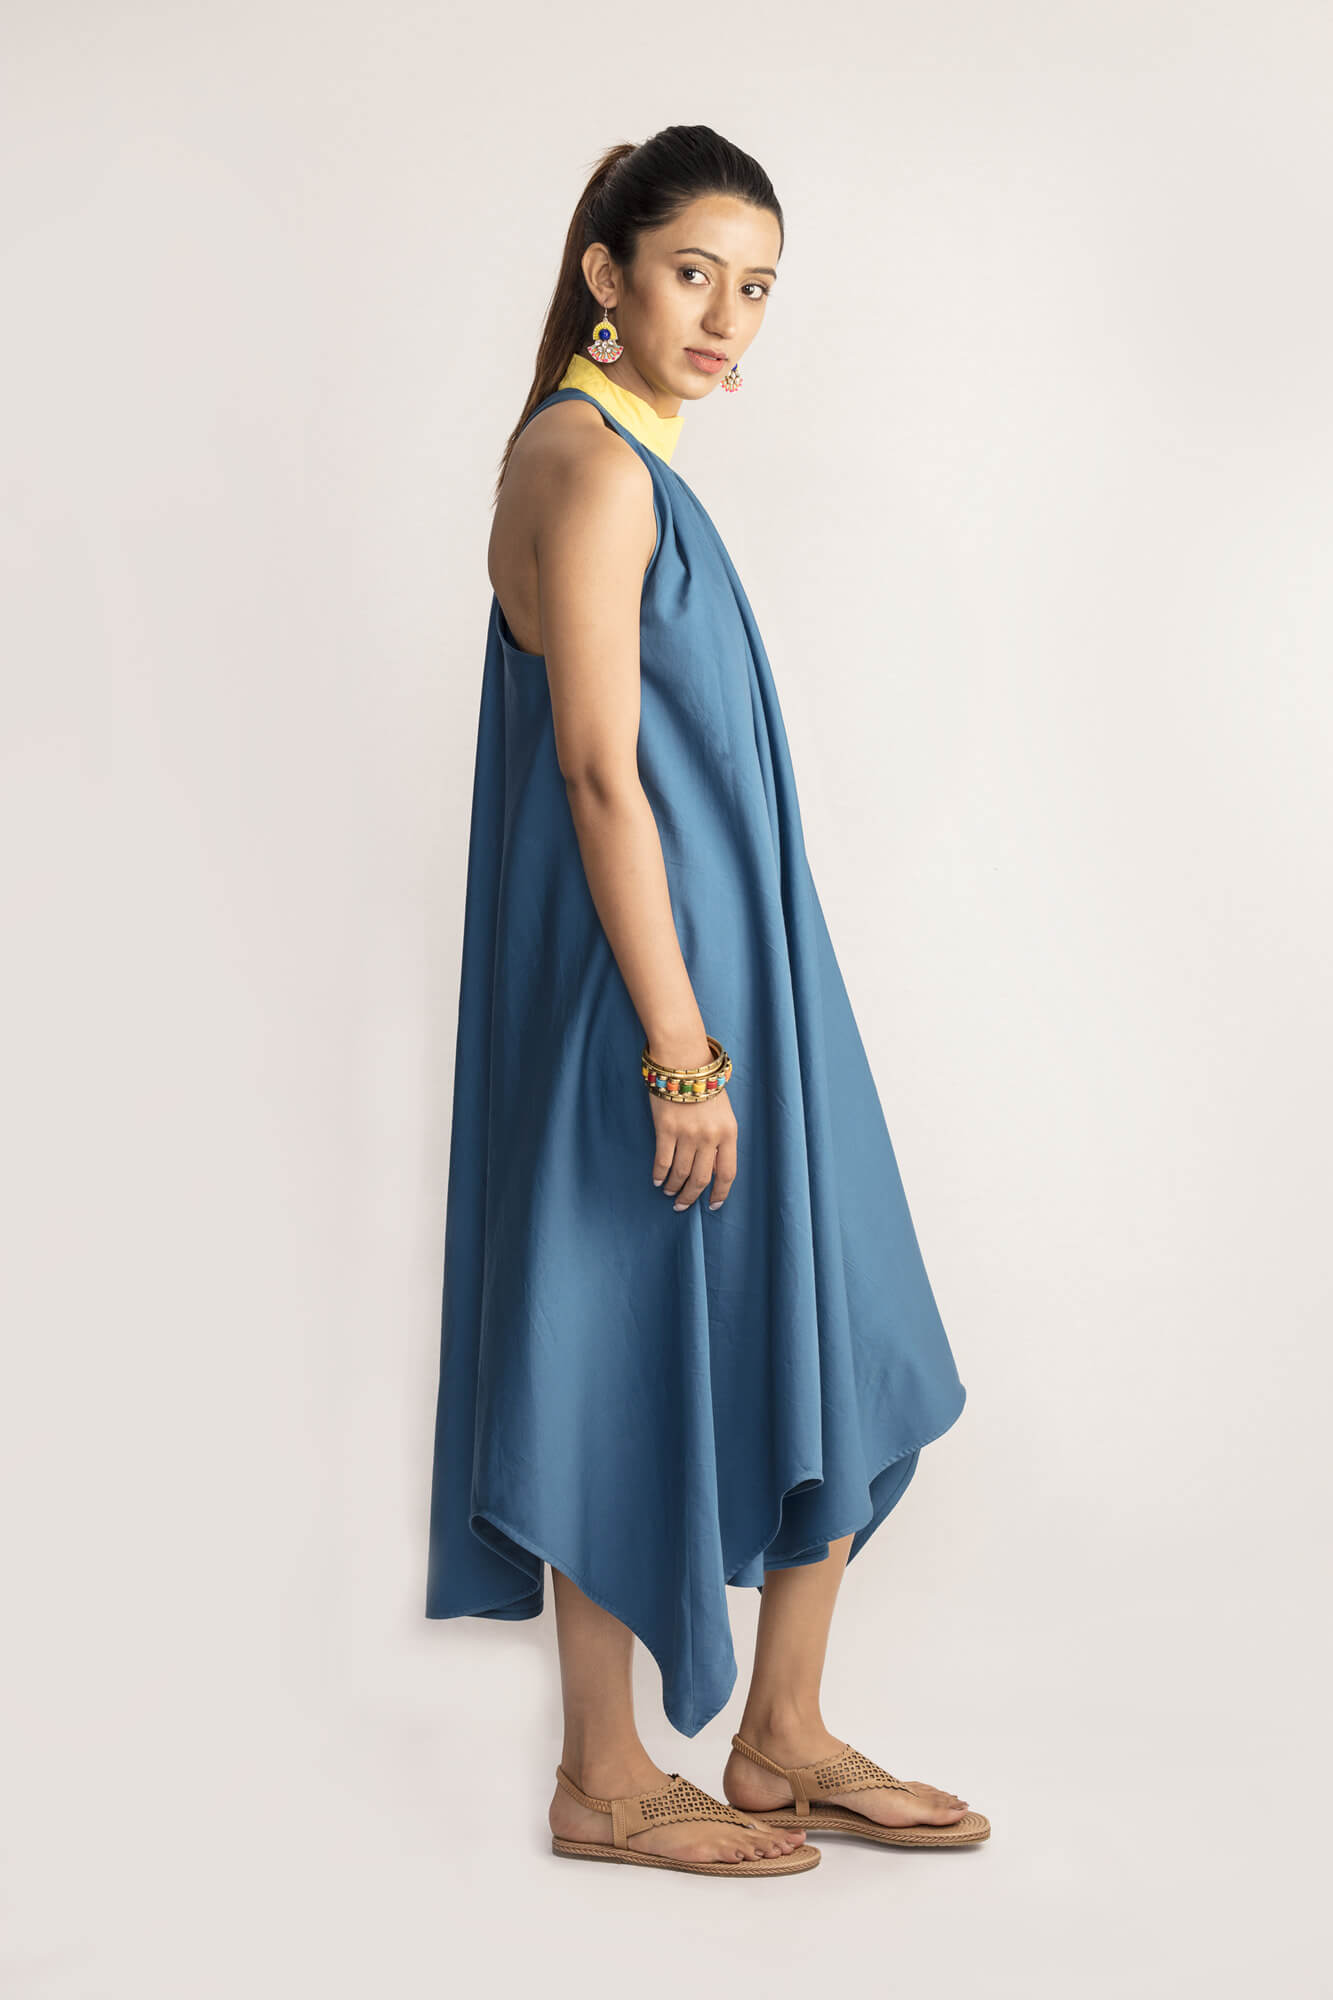 Blue Cotton Asymmetrical Dress By TAMASQ